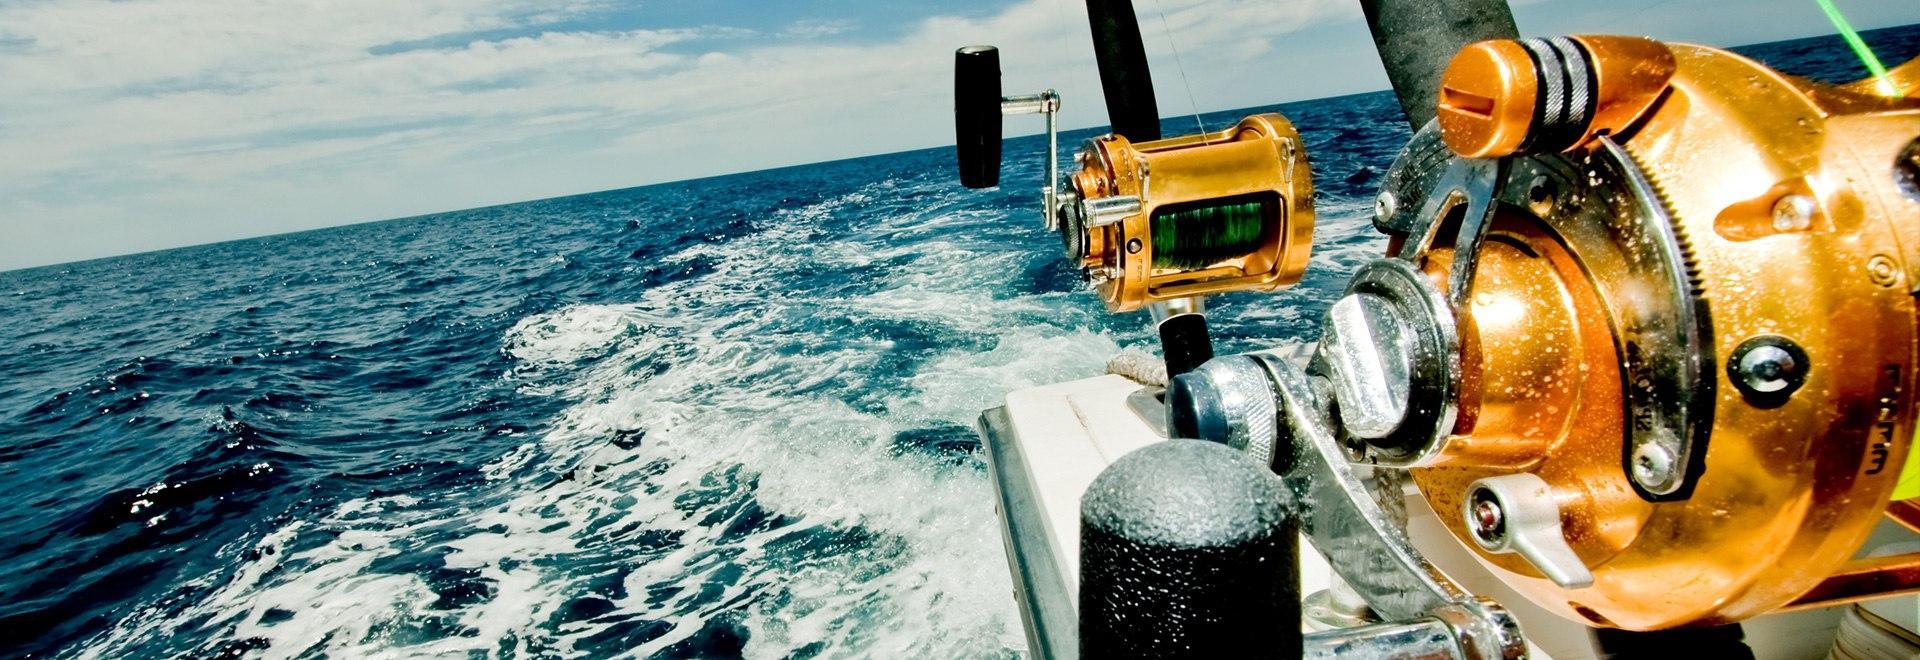 Cronache di pesca dalla barca